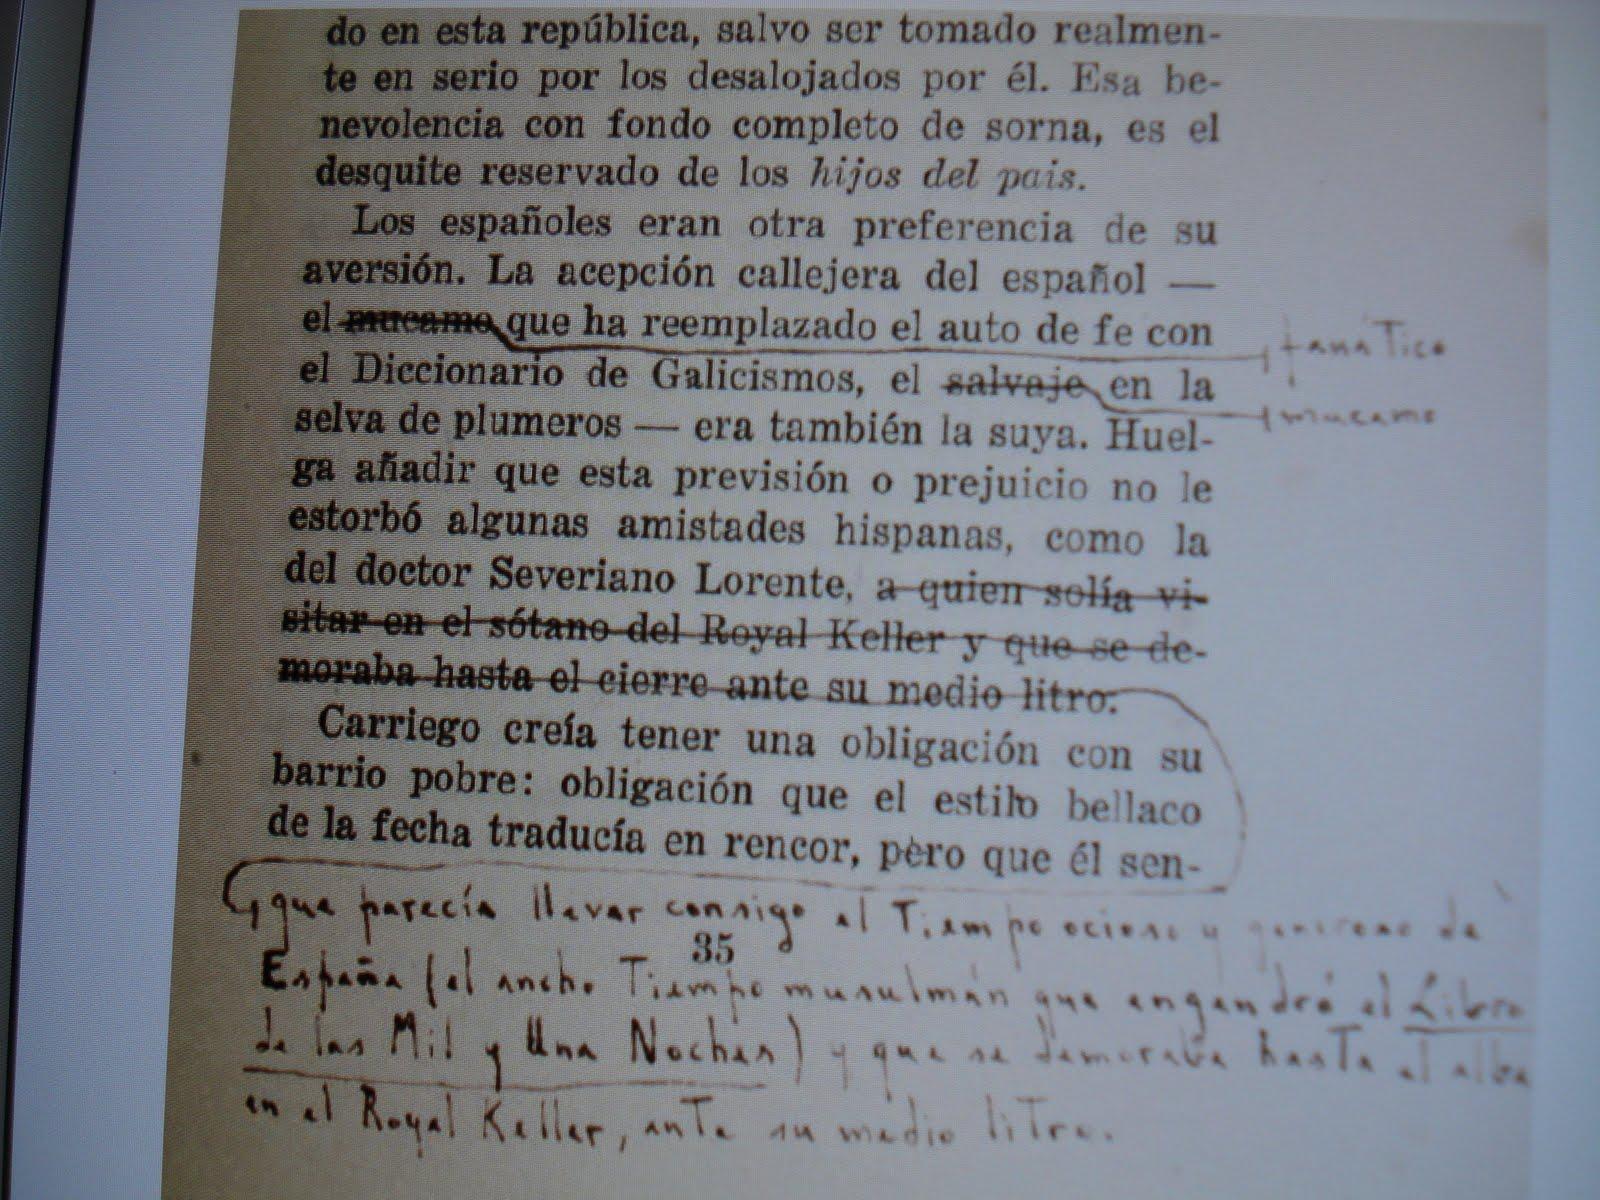 Sociedad cultura y protocolo en china y corea 14 09 14 for Borges el jardin